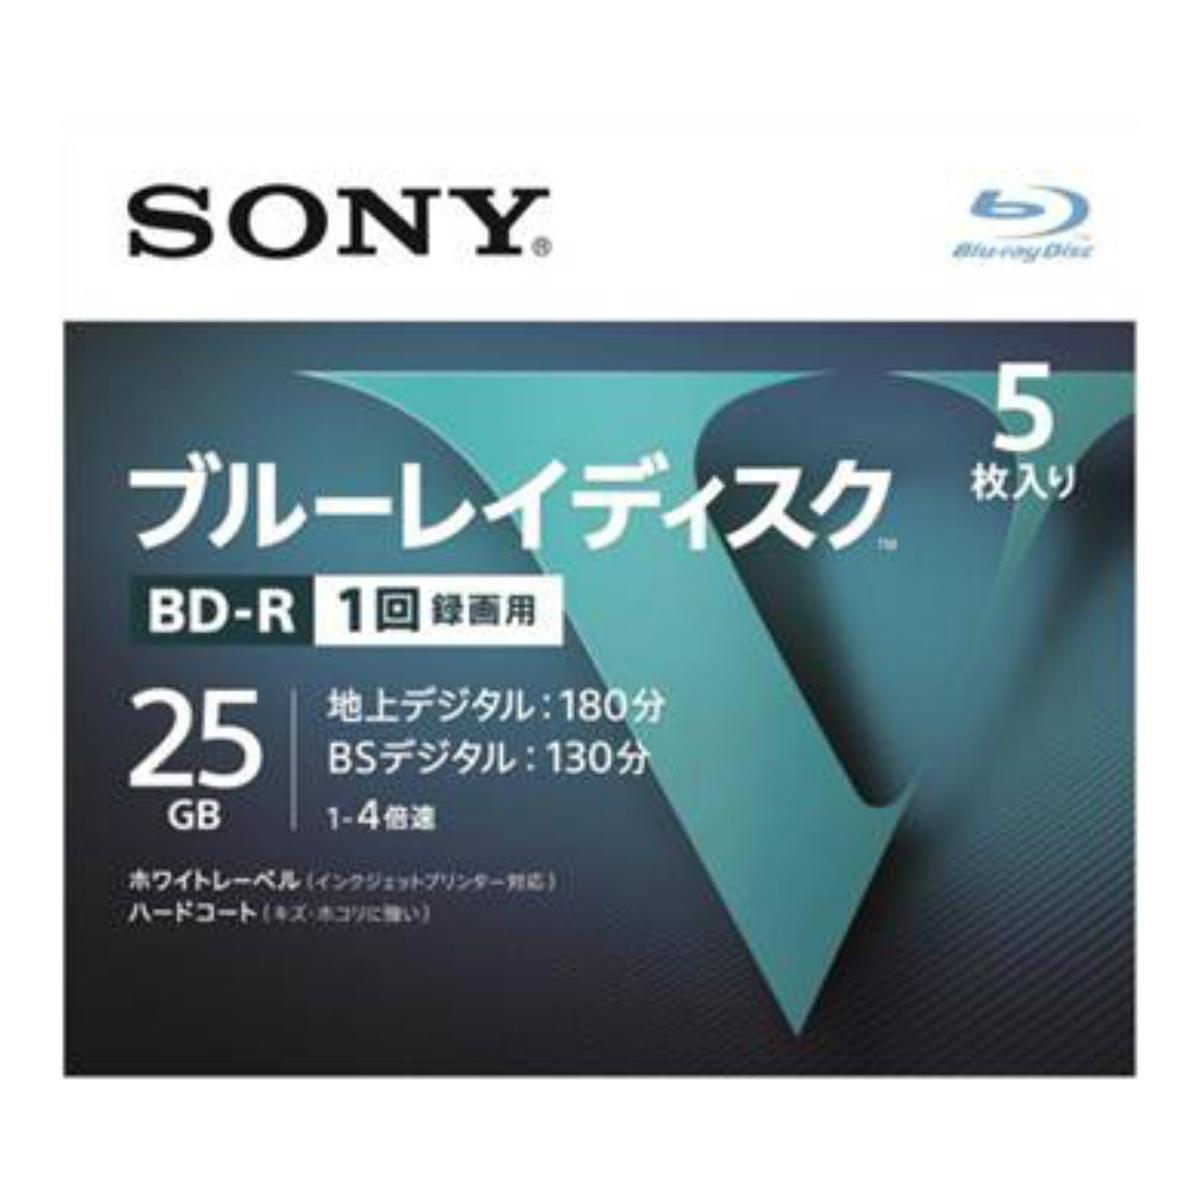 【送料込・まとめ買い×024】ソニー ブルーレイディスク R4倍速1層 Vシリーズ 5BNR1VLPS4 5枚入 ×024点セット(4548736037229)